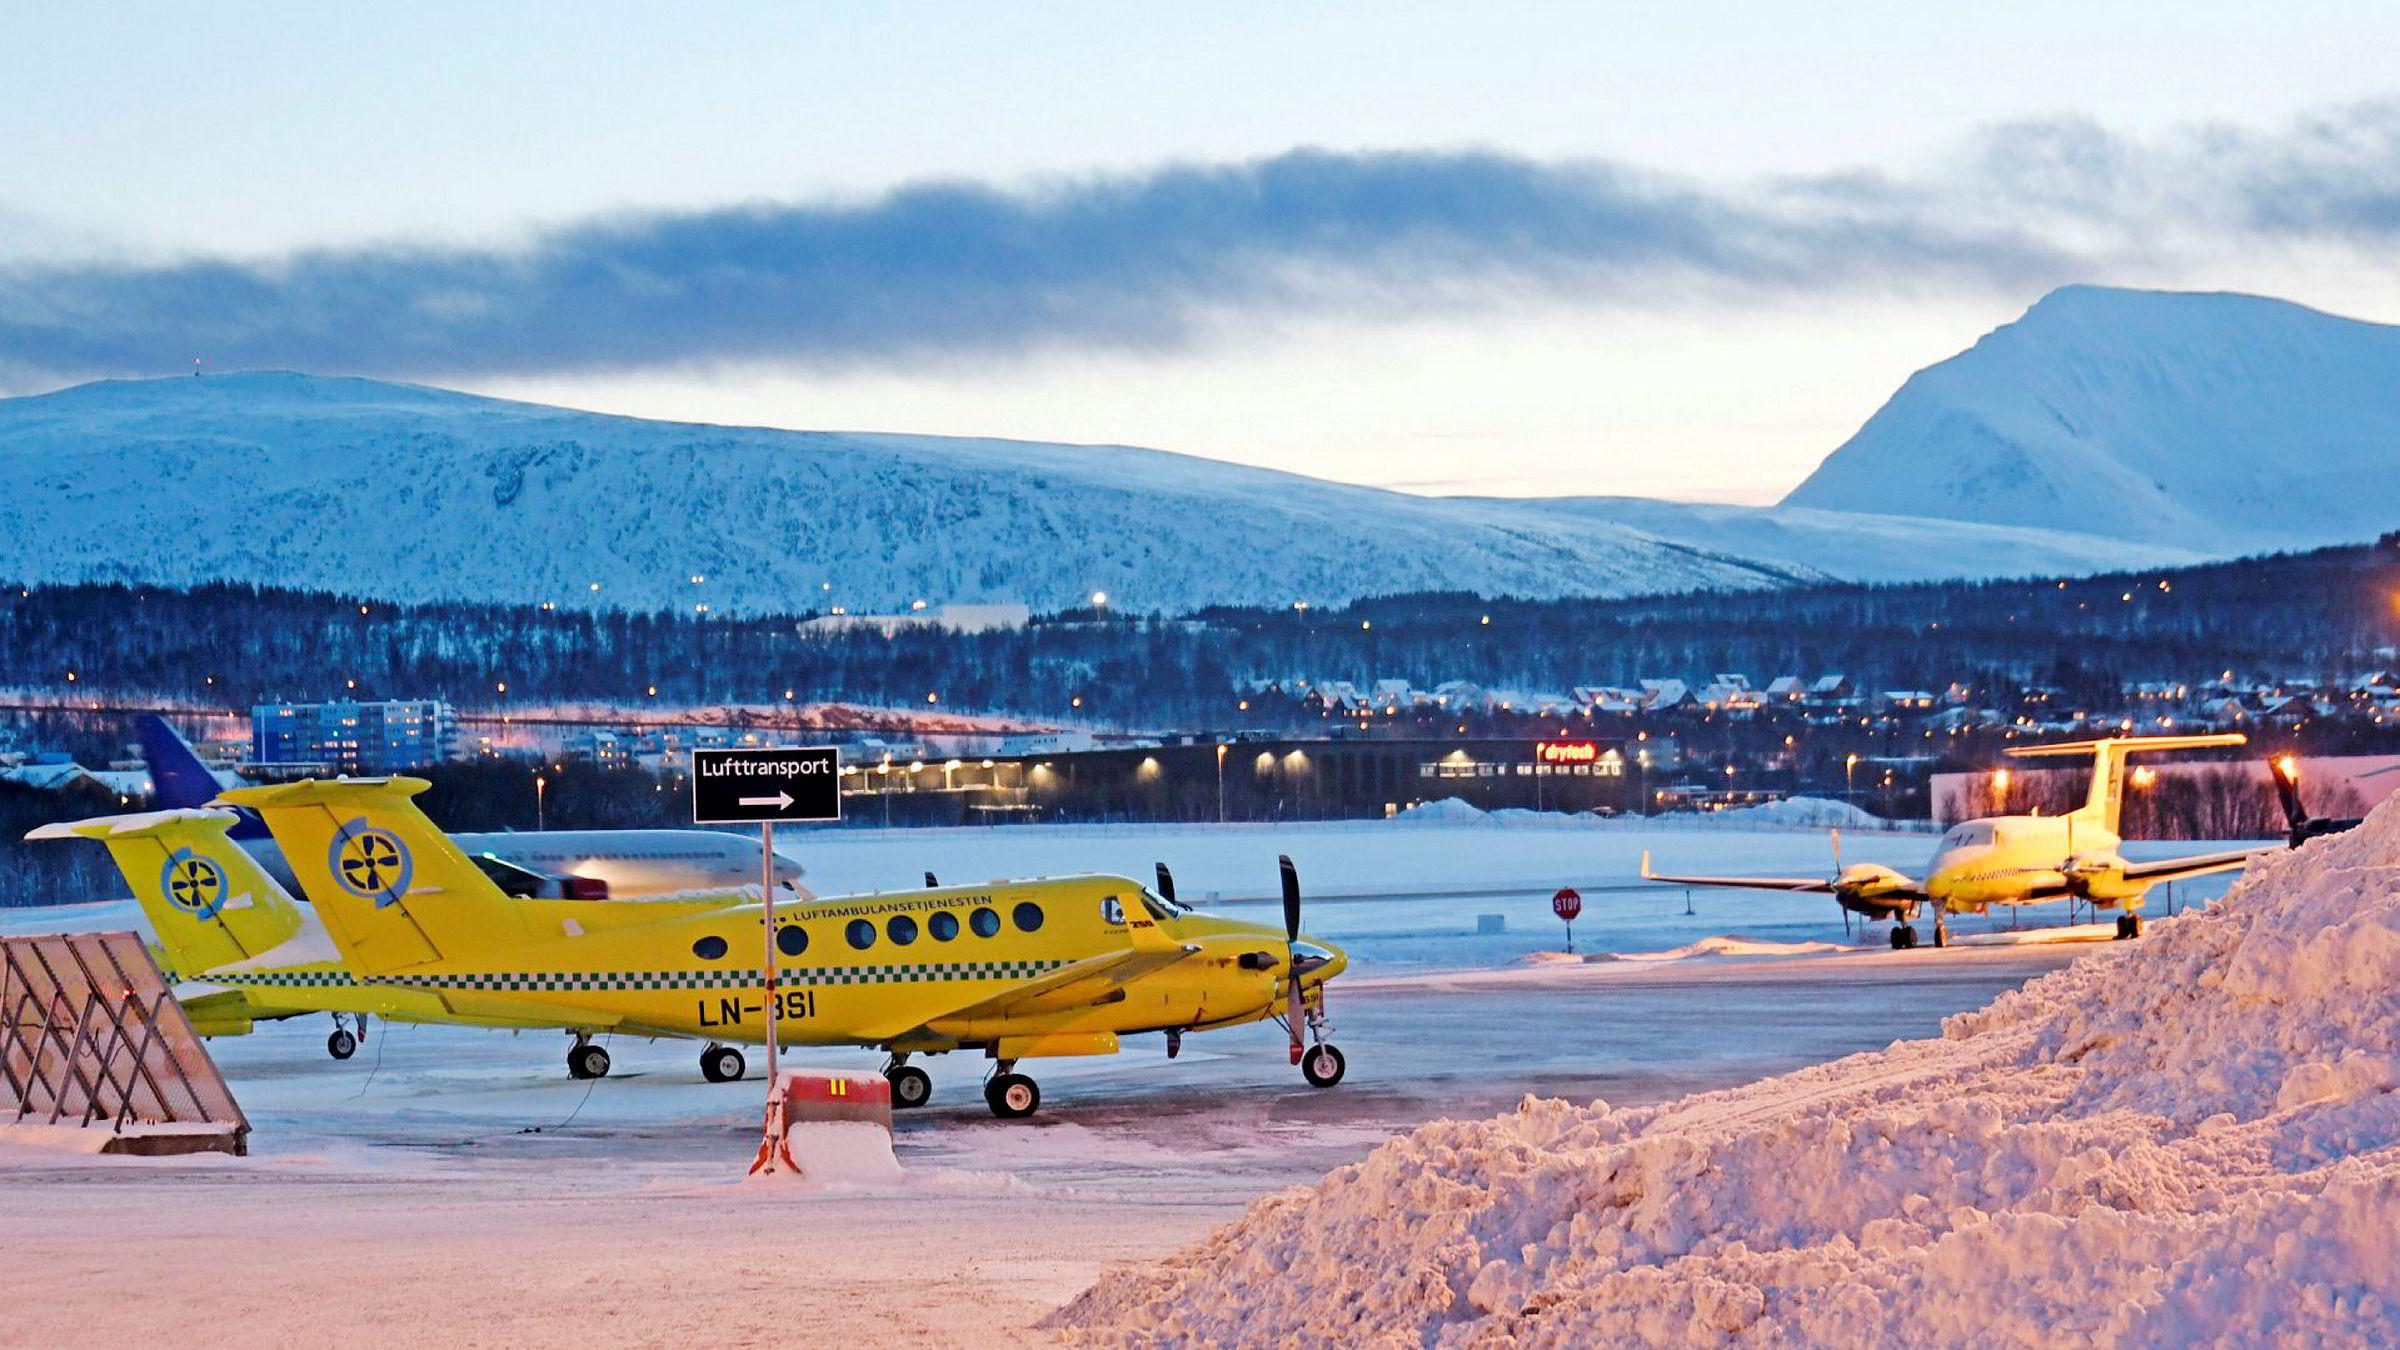 Ambulanseflyene i Tromsø har vært parkert grunnet tekniske problemer og pilotmangel denne vinteren, og denne uken møter pilotene og operatøren Babcock i tingretten i Tromsø. Her fra Tromsø lufthavn i desember i fjor.